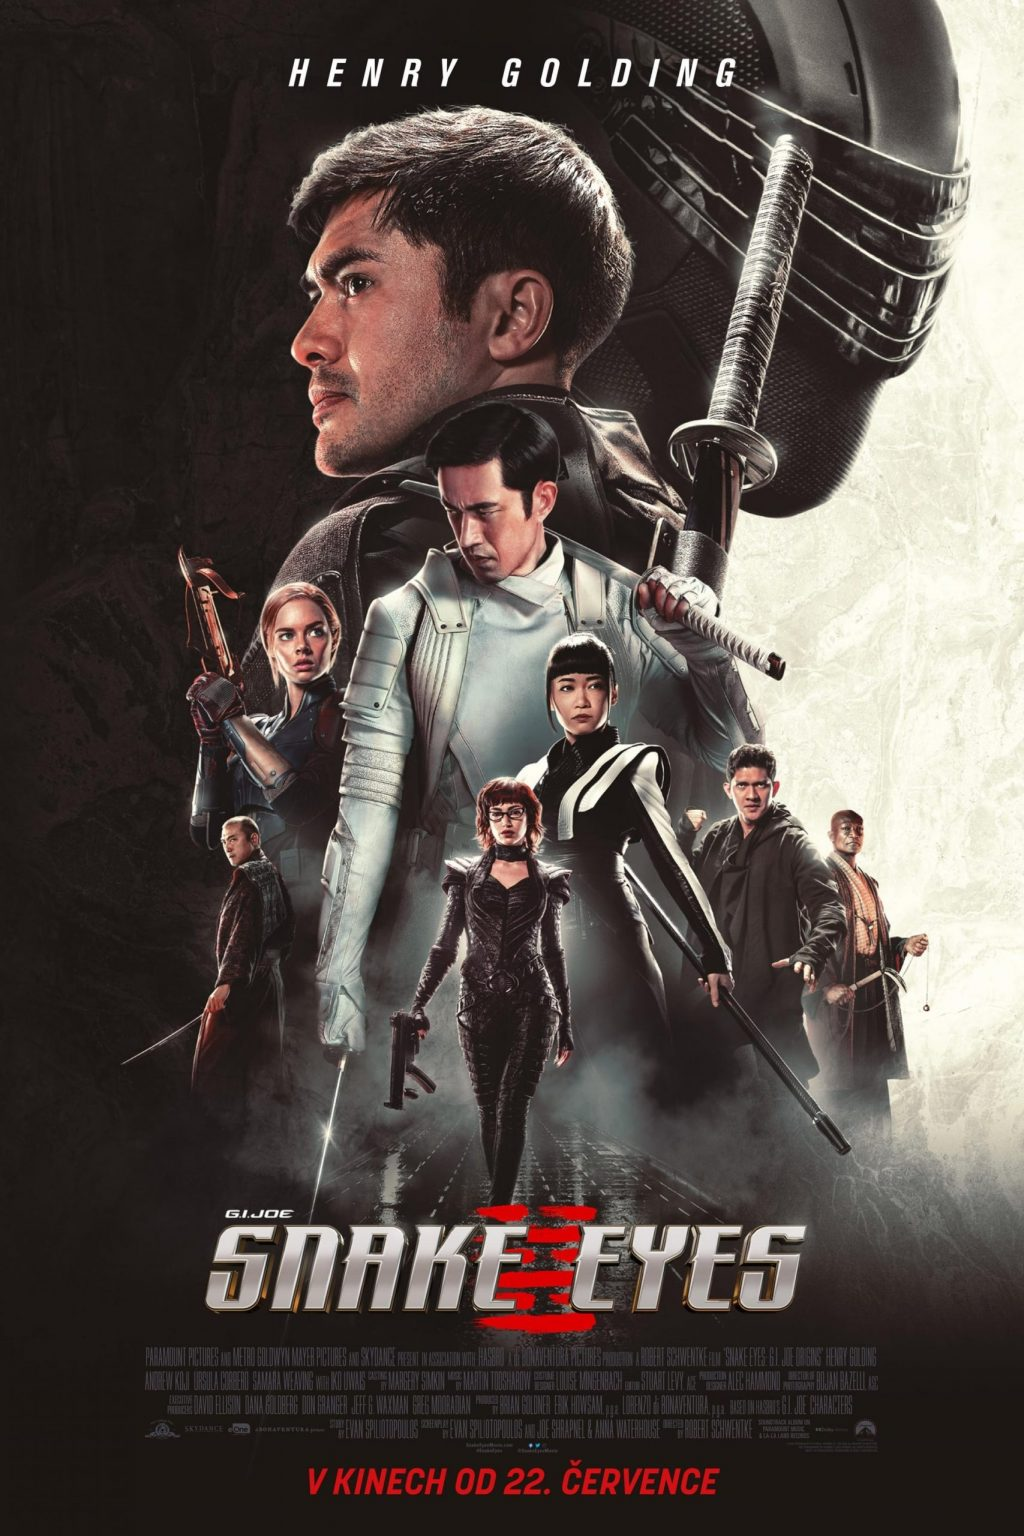 Download phim: Biệt Đội Mãng Xà - Snake Eyes: G.I. Joe Origins (2021)HD-Bluray miễn phí tại Thư Viện Tin Học Thư Viện Tin Học luôn mang tới trải nghiệm xem phim tốt nhất cho bạn